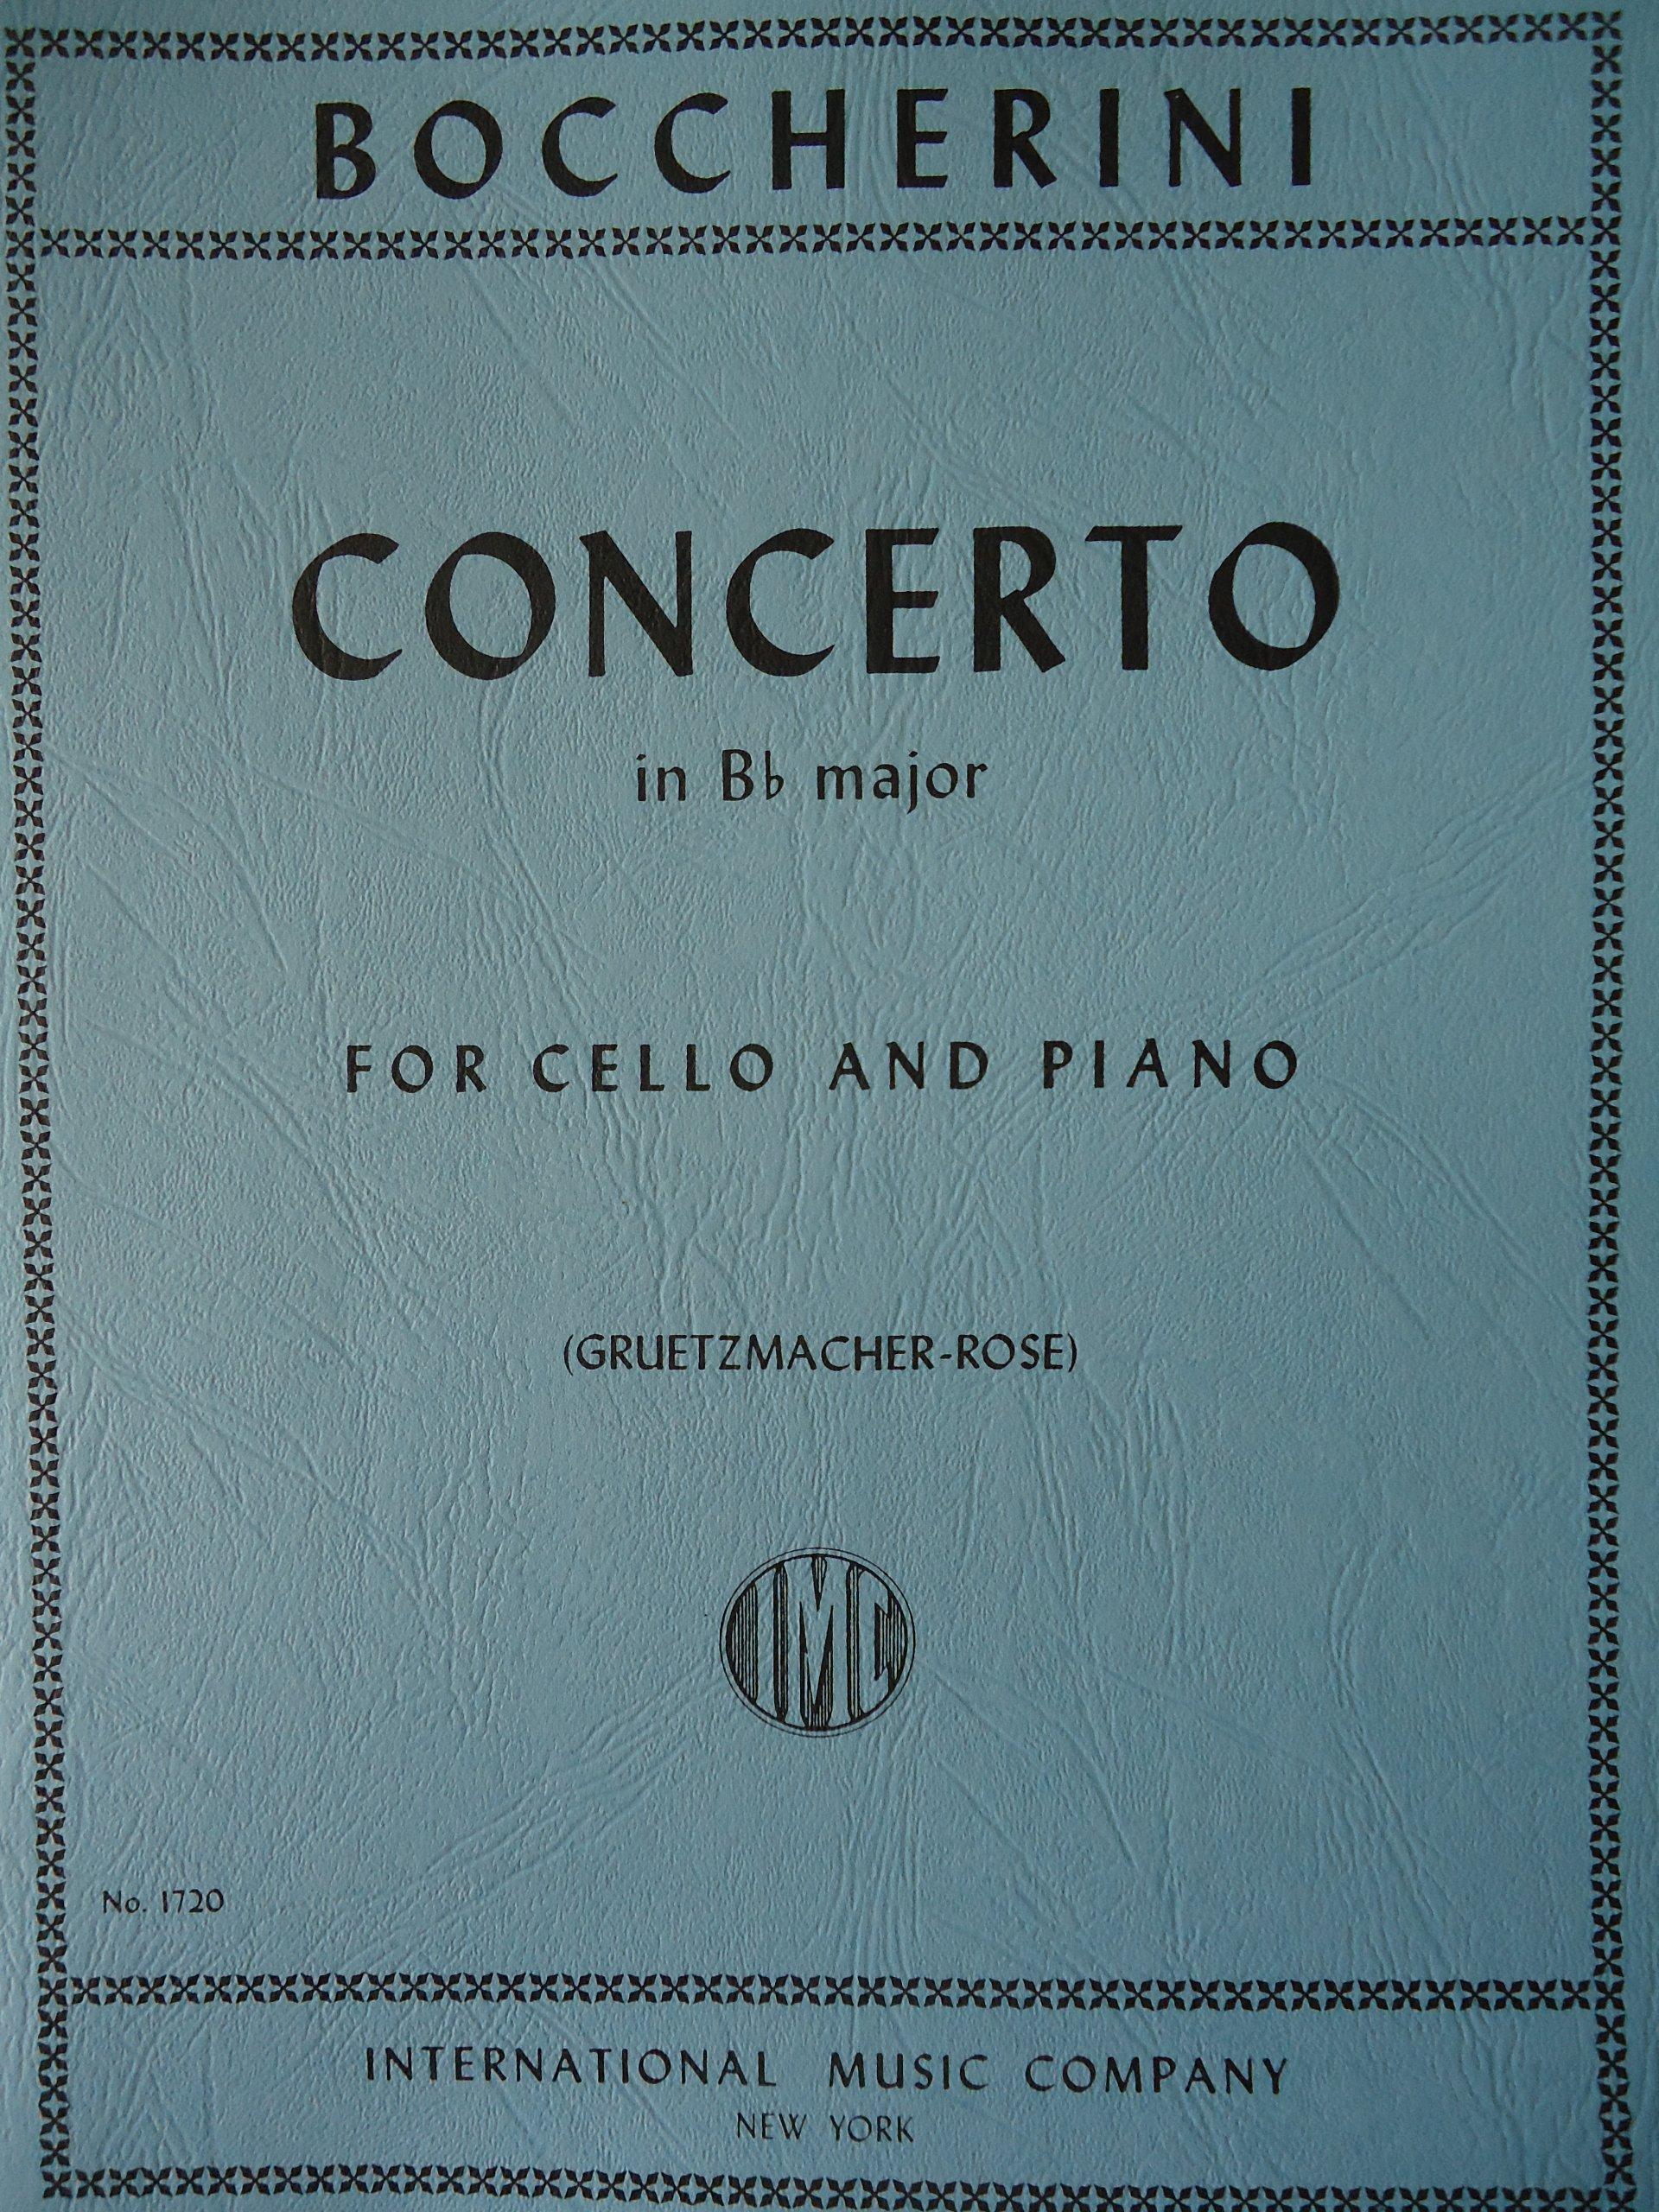 Boccherini Luigi Concerto in B-flat Major G 482 for Cello Piano by Greutzmacher-Rose International